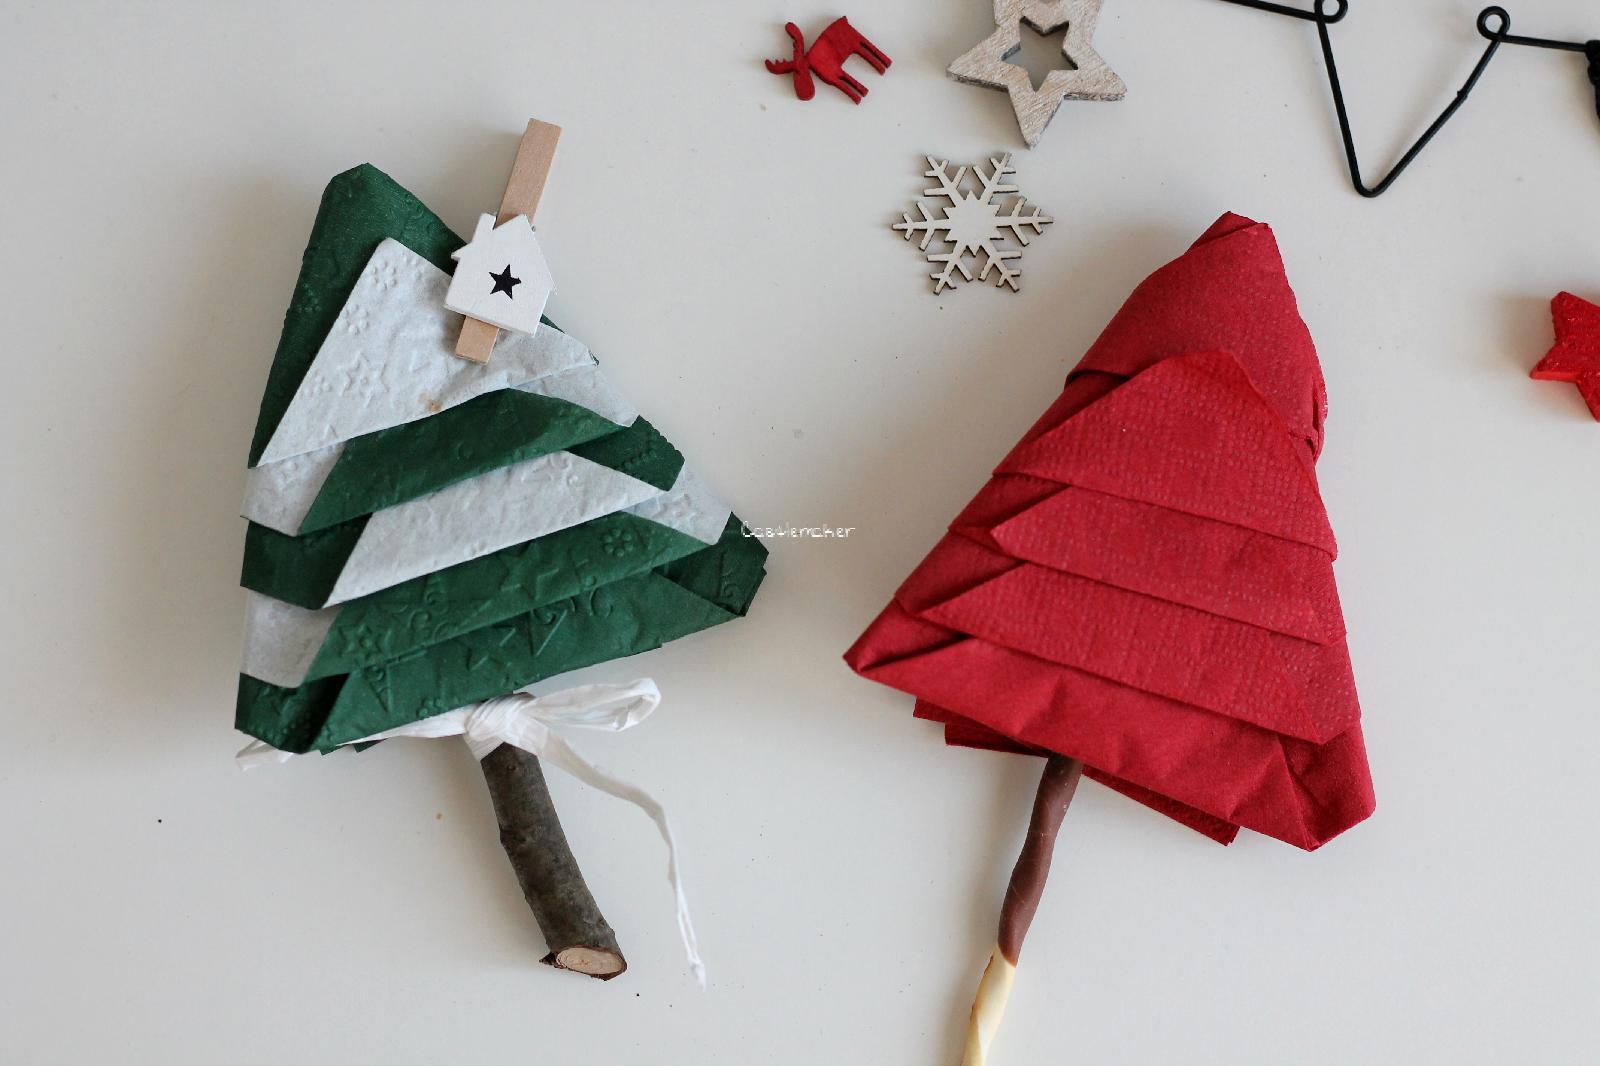 Diy Geschenke Weihnachten  oft Kinder Basteln Weihnachten &RY73